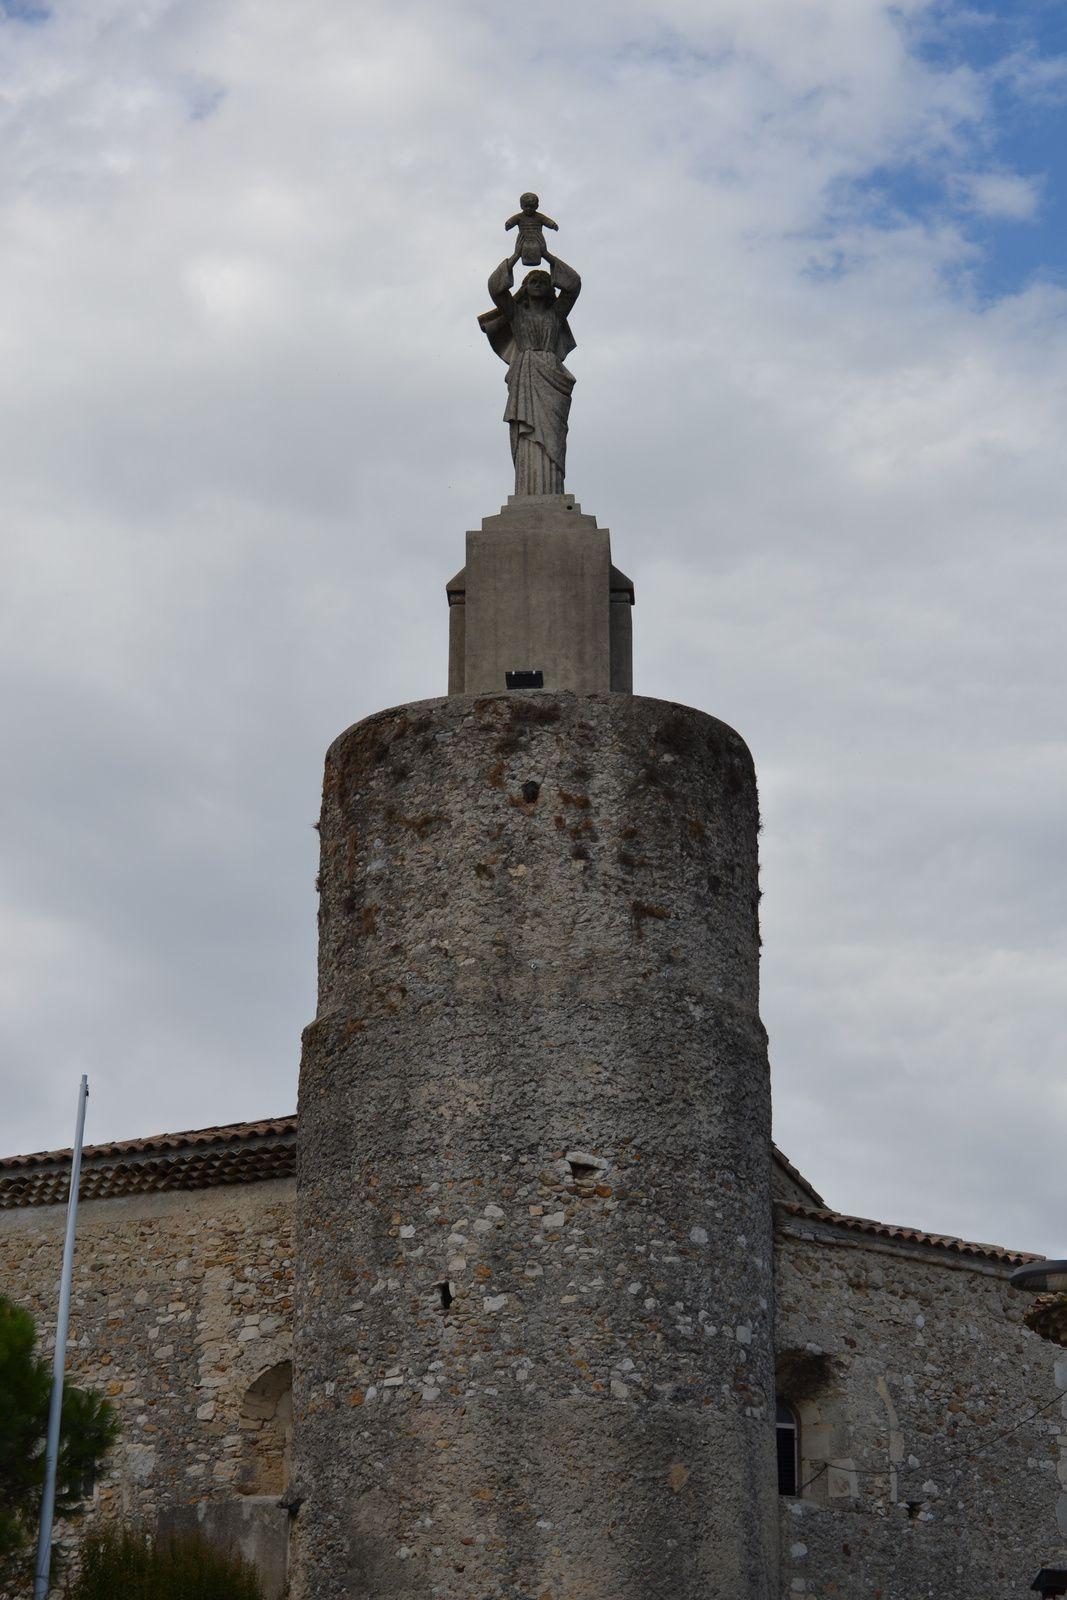 Cette statue de la vierge du Voeu fut posée en 1950, pour remercier le ciel d'avoir évité que le village soit bombardé ou brulé par la milice lors de la libération, en fin deseconde guerre mondiale de 1939/1945.